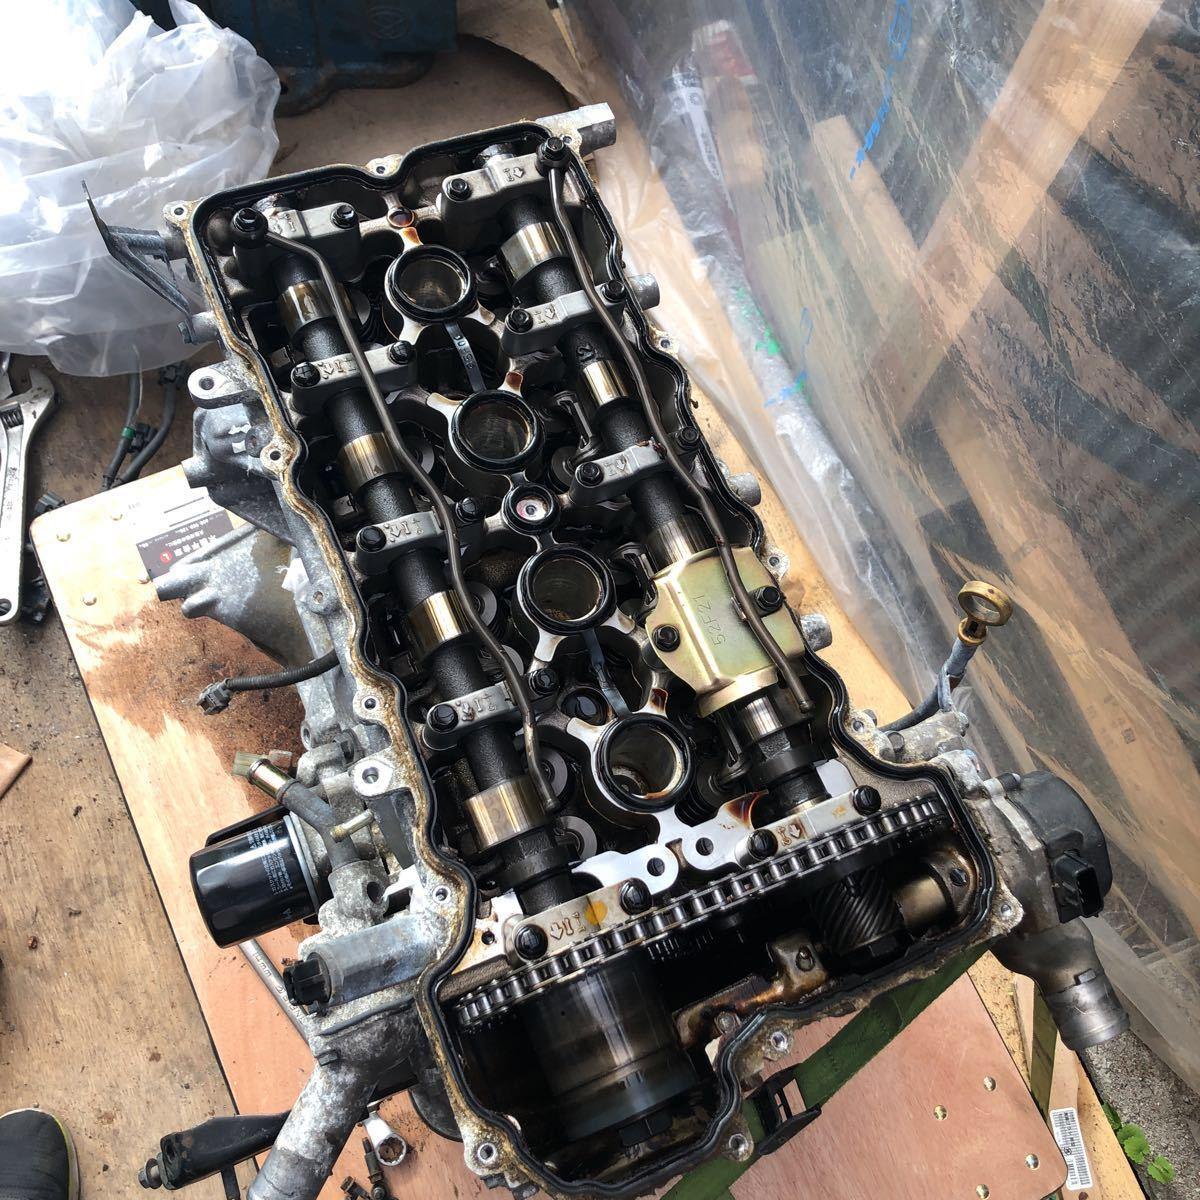 SR20 ターボエンジン S15 ヘッドガスケットメタル 社外カム エンジンのみ シルビア